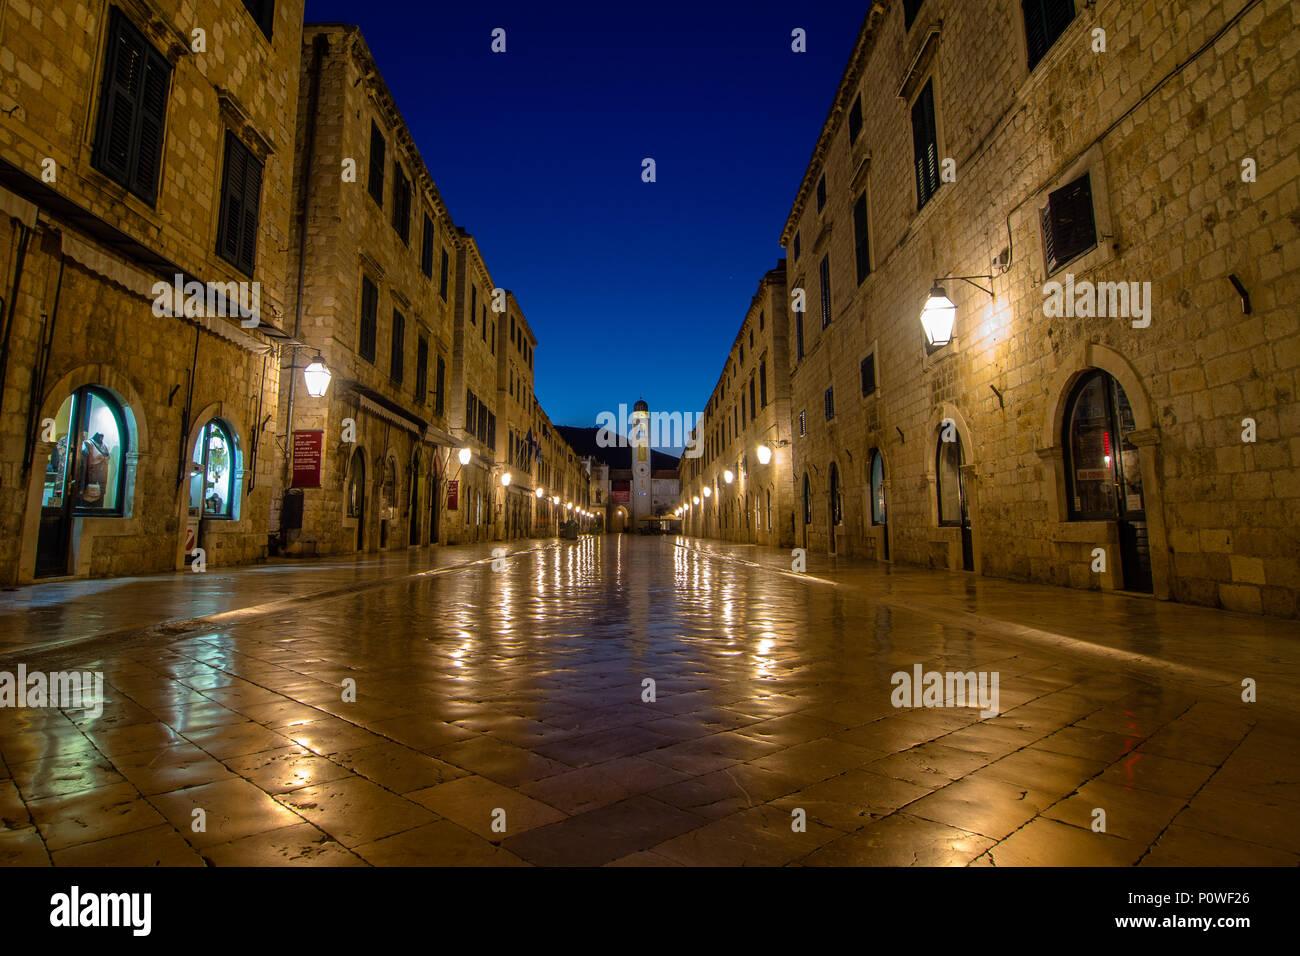 Placa Stock Photo